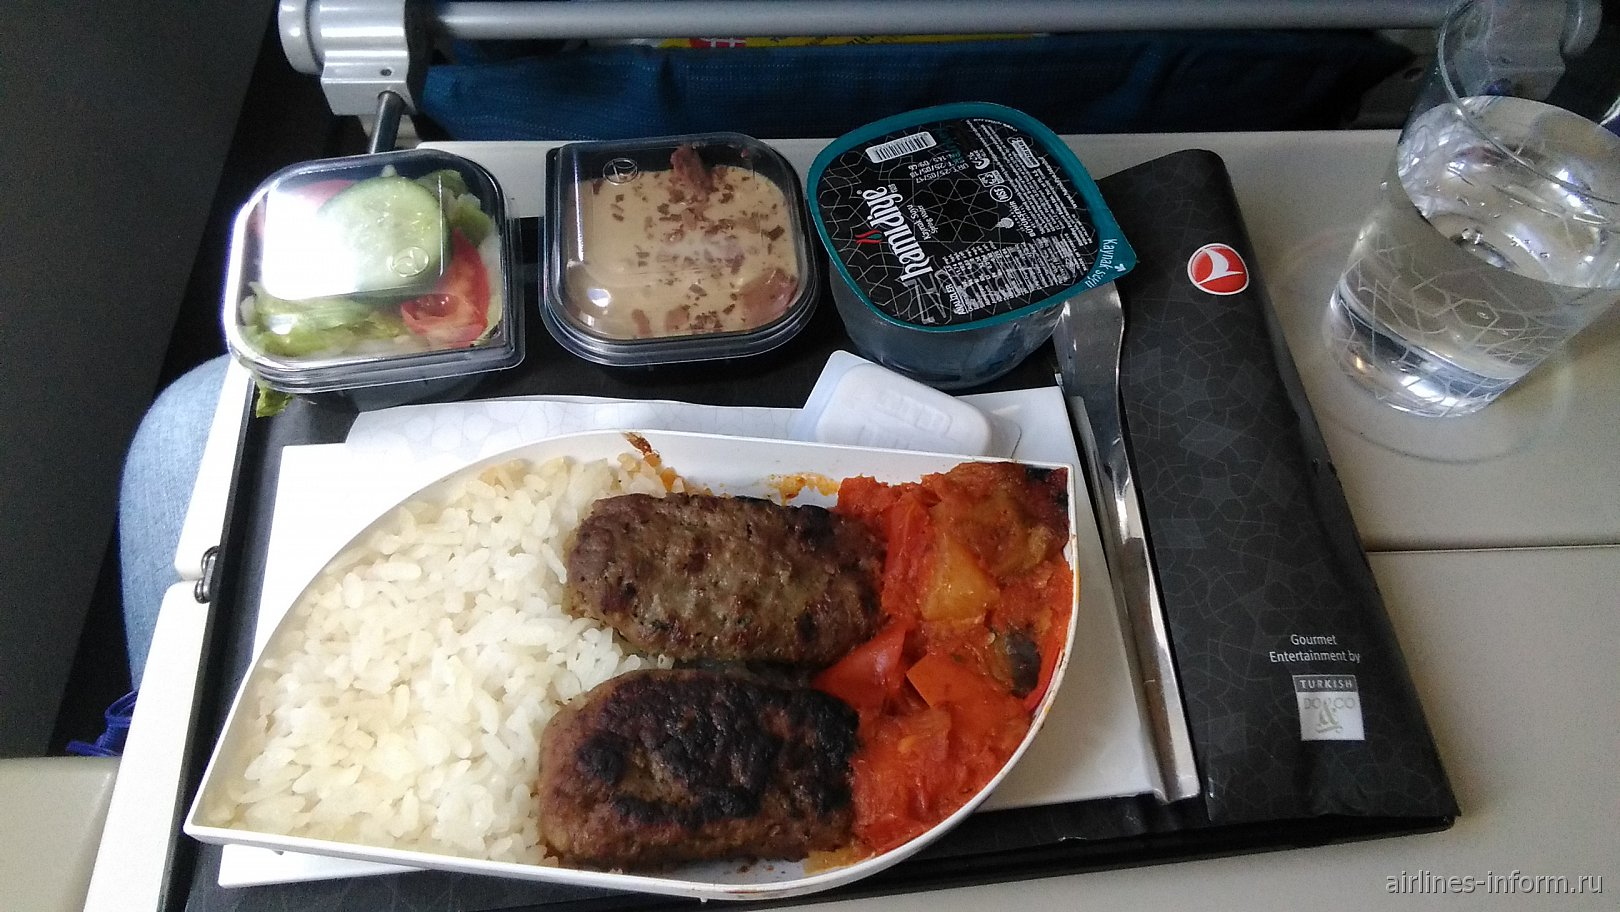 Бортовое питание на рейсе Турецких авиалиний Москва-Анталья